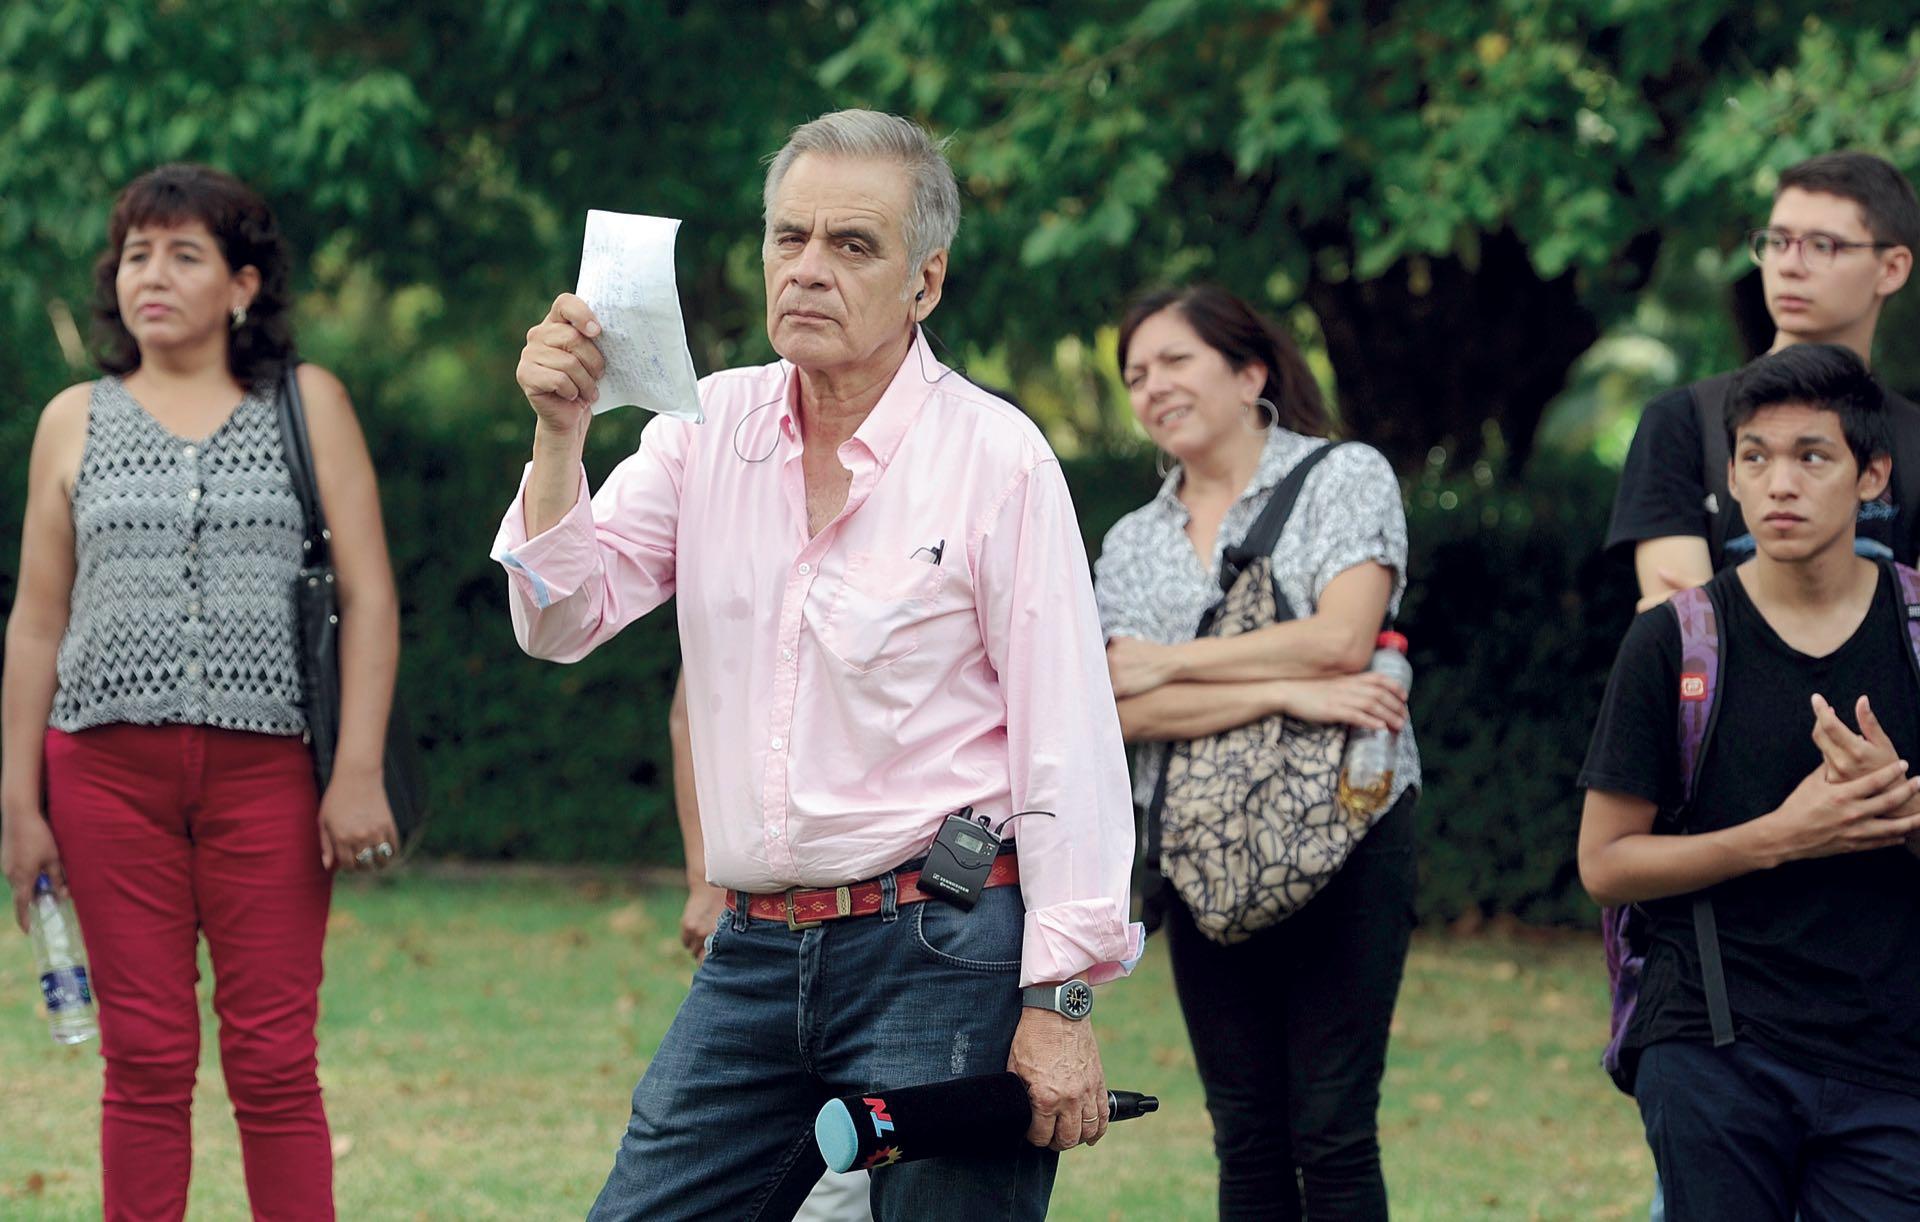 Julio Bazán cubrió la despedida (Fotos: Enrique García Medina y Maxi Vernazza/GENTE)